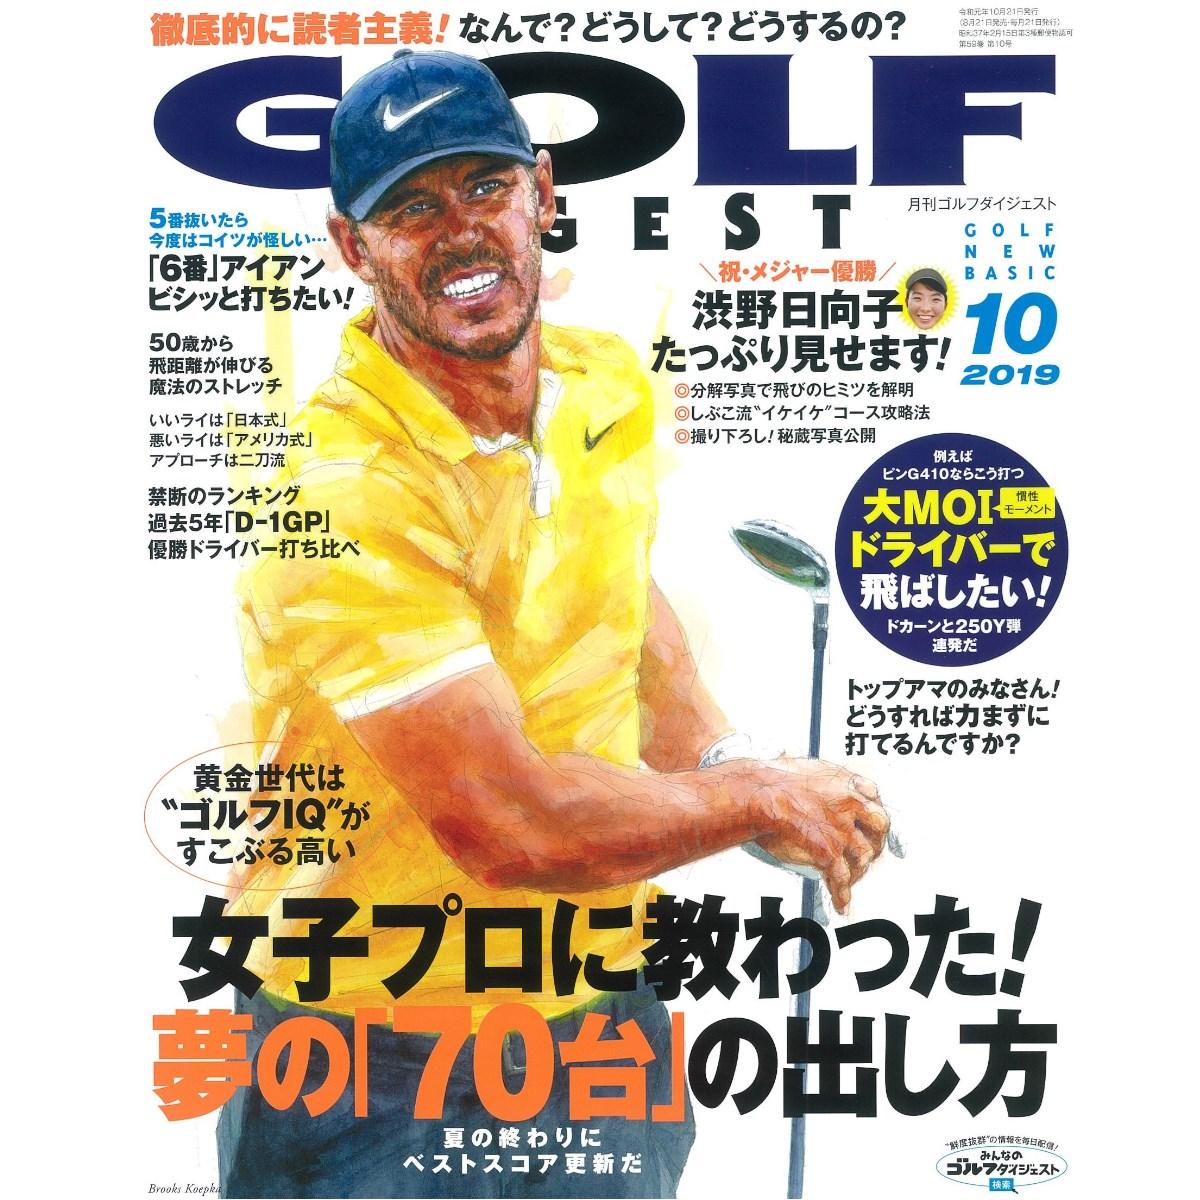 ゴルフダイジェスト(GolfDigest) ゴルフダイジェスト社 月刊ゴルフダイジェスト年間購読